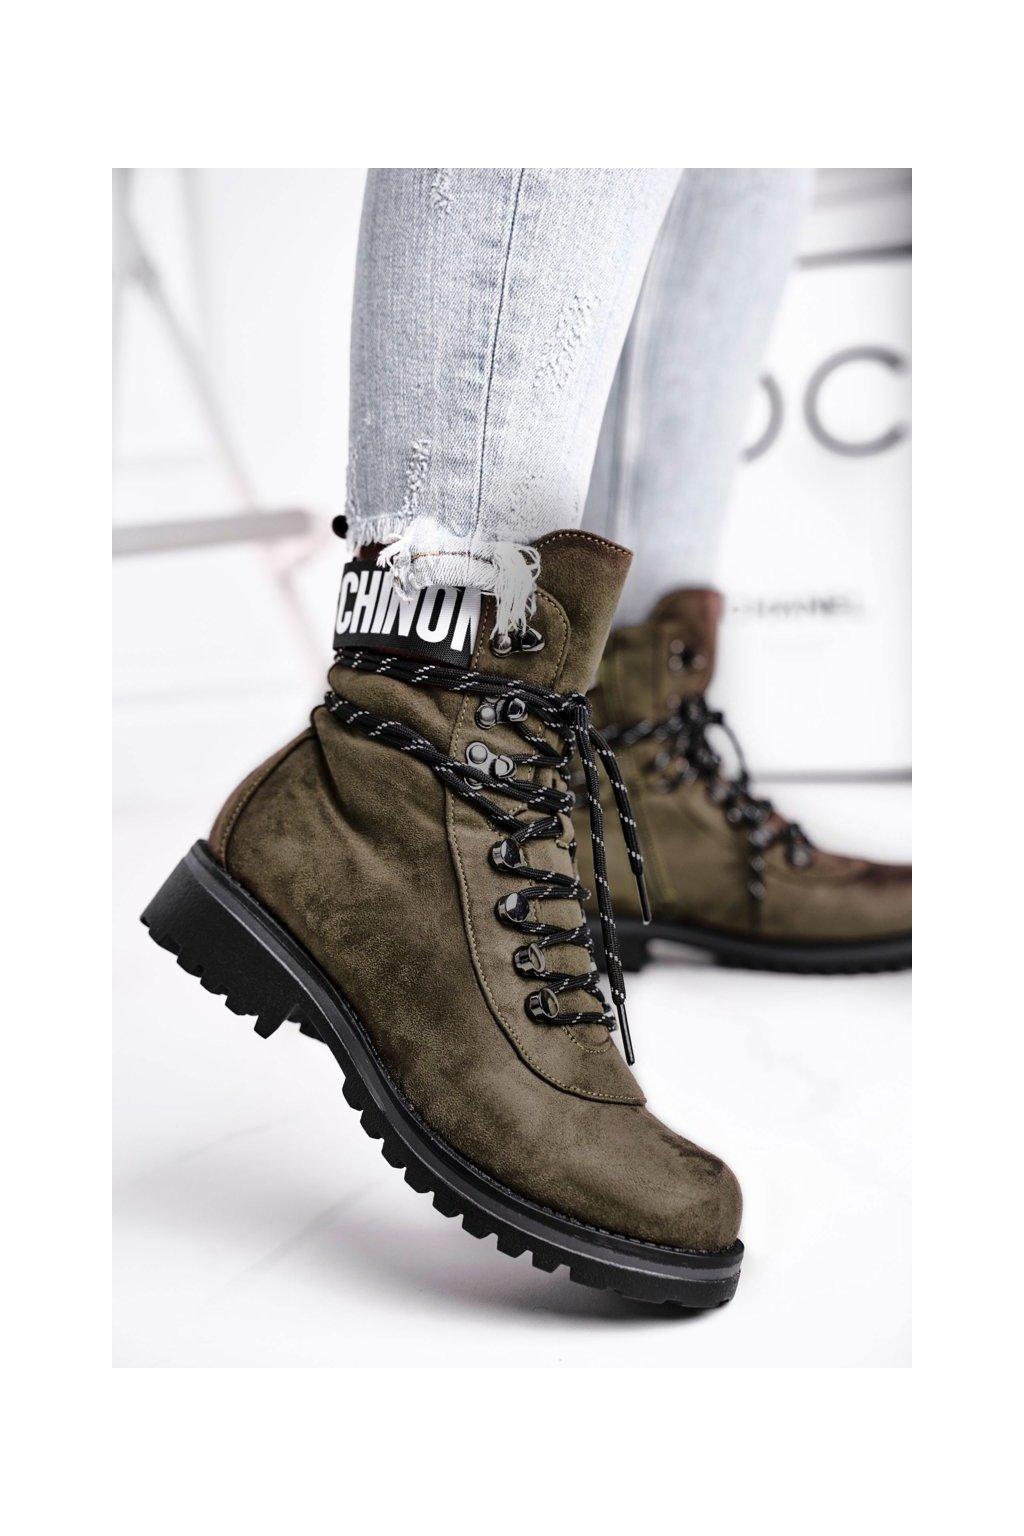 Členkové topánky na podpätku farba zelená kód obuvi 9BT35-1331 DK.GREEN